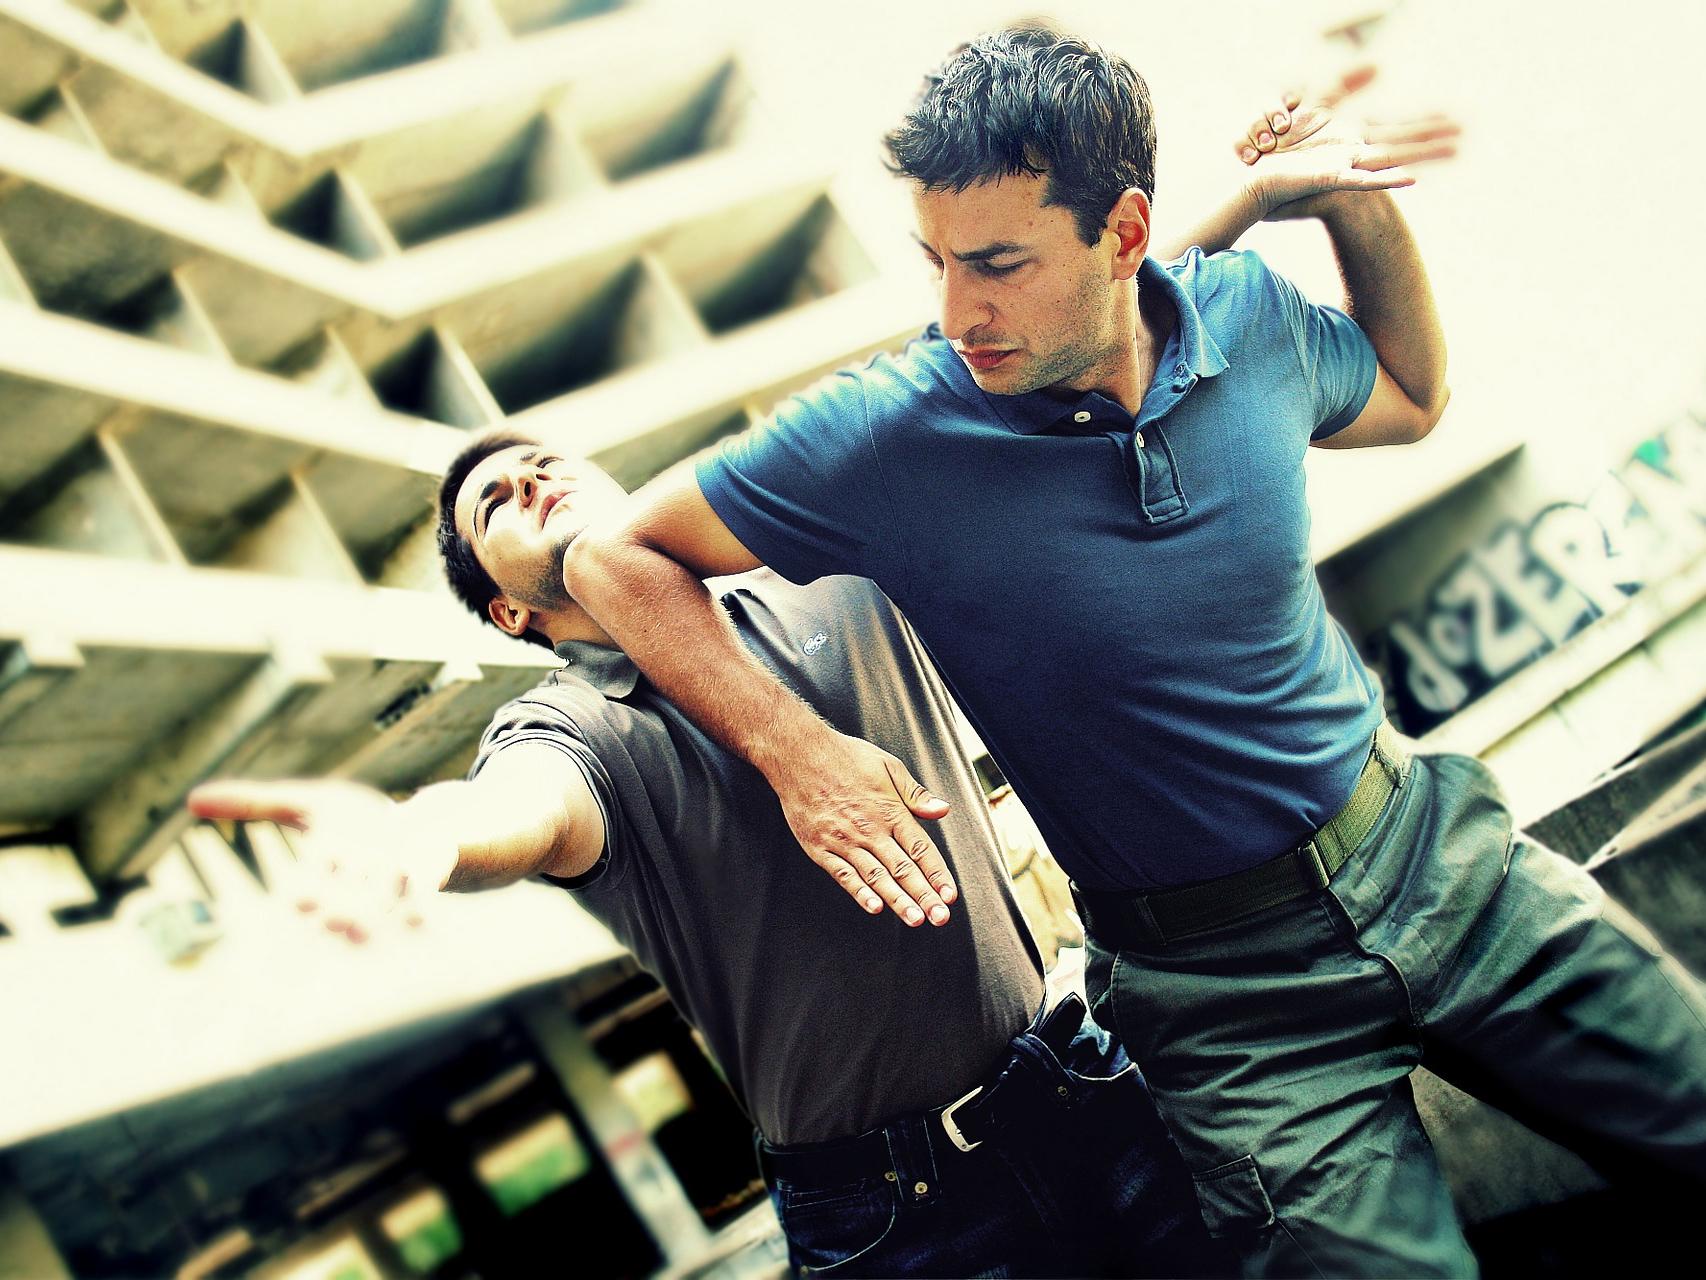 martial-arts-2481472_1920111